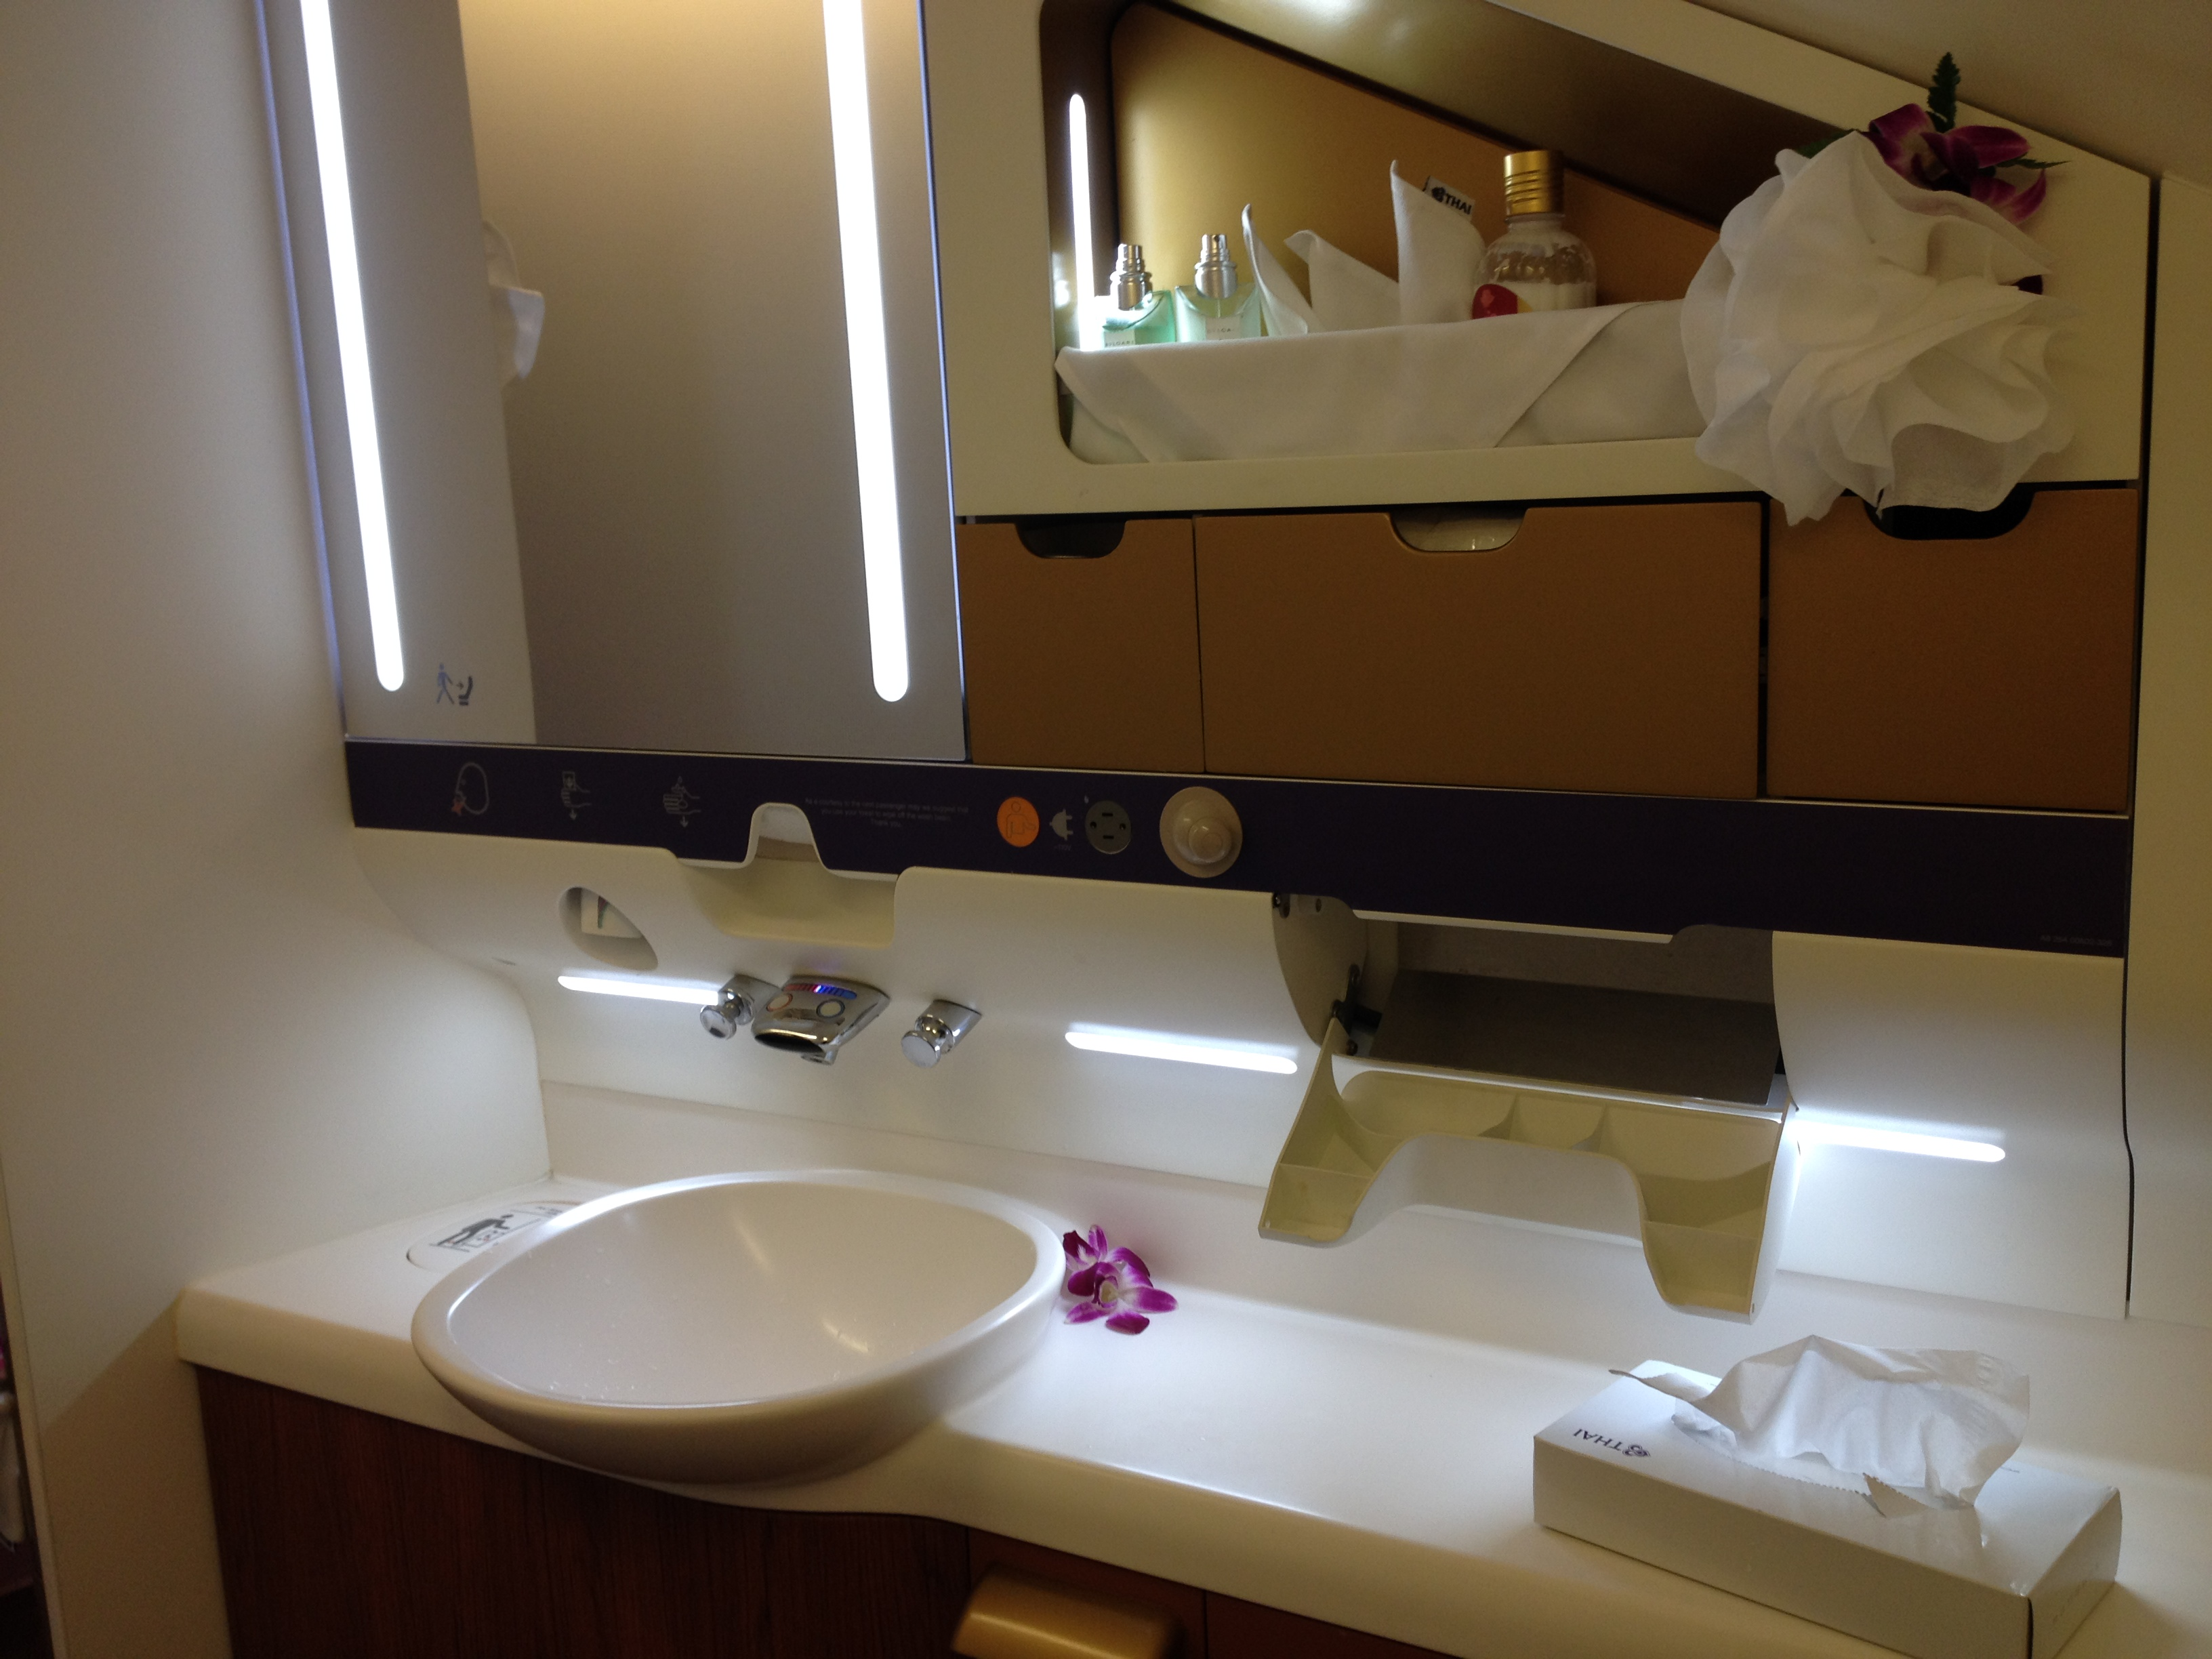 Thai Airways A380 First Class Bathroom Bvlgari Amenities